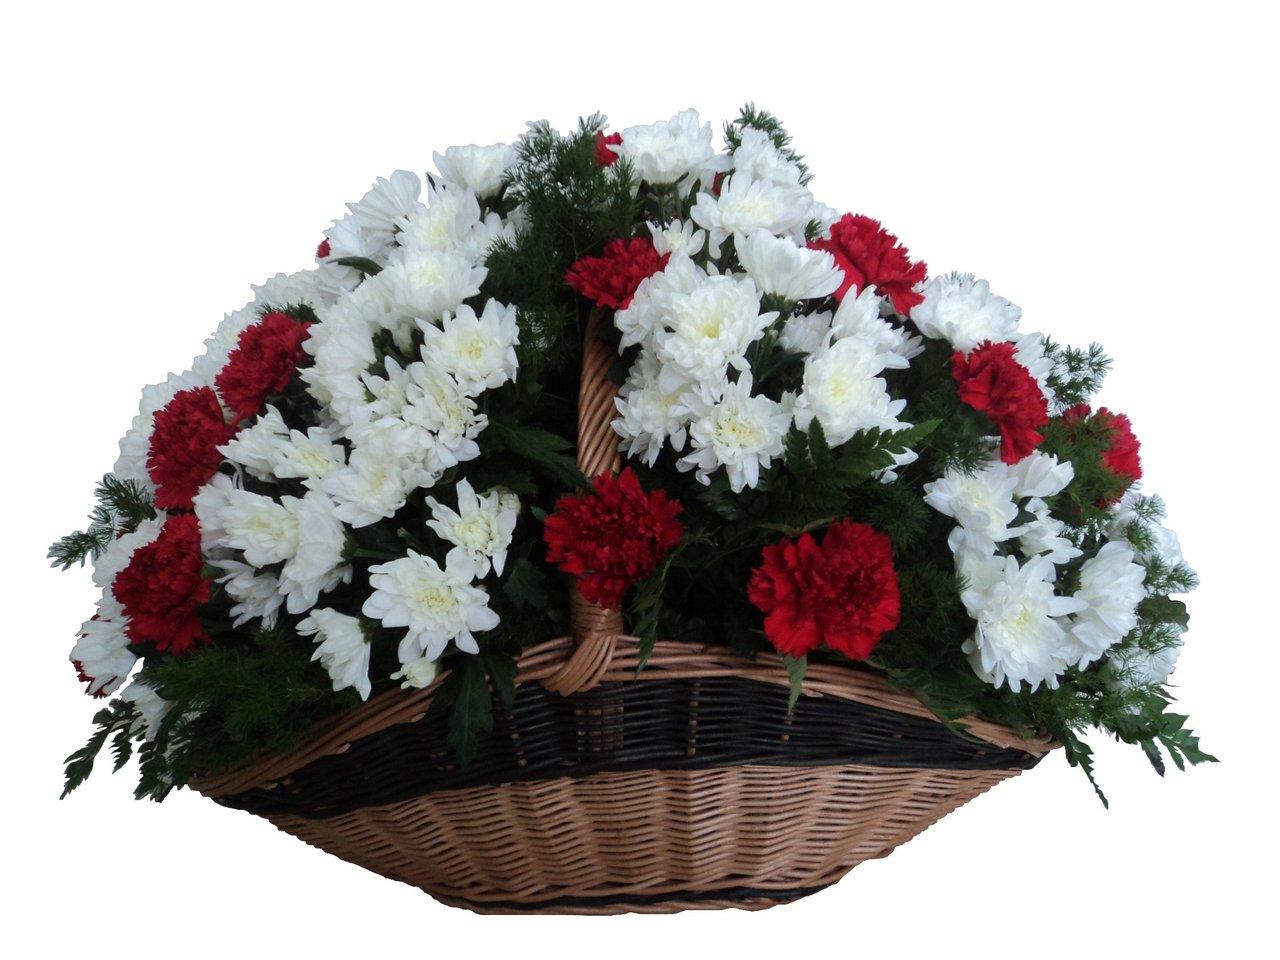 Фото ритуальных корзин из живых цветов